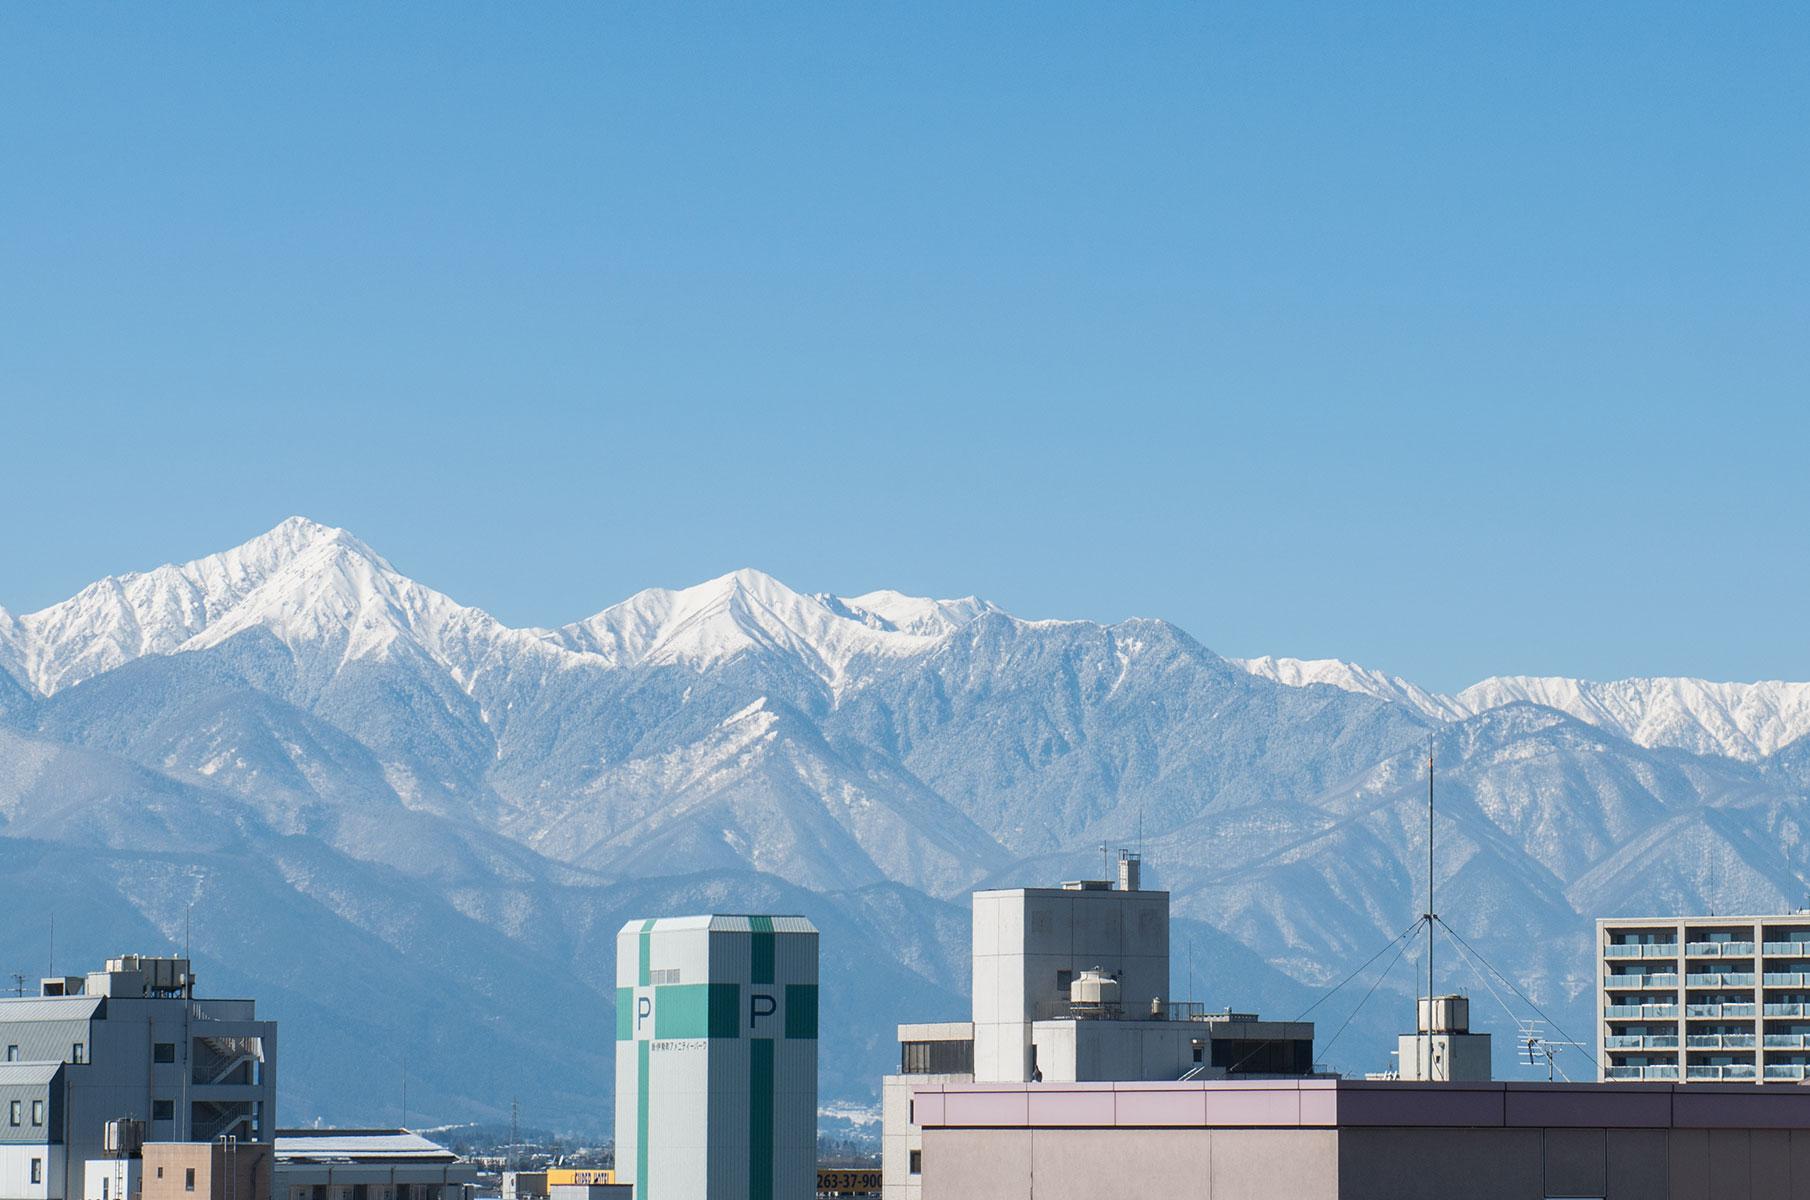 Blick auf die verschneite Bergregion rund um Matsumoto, Japan